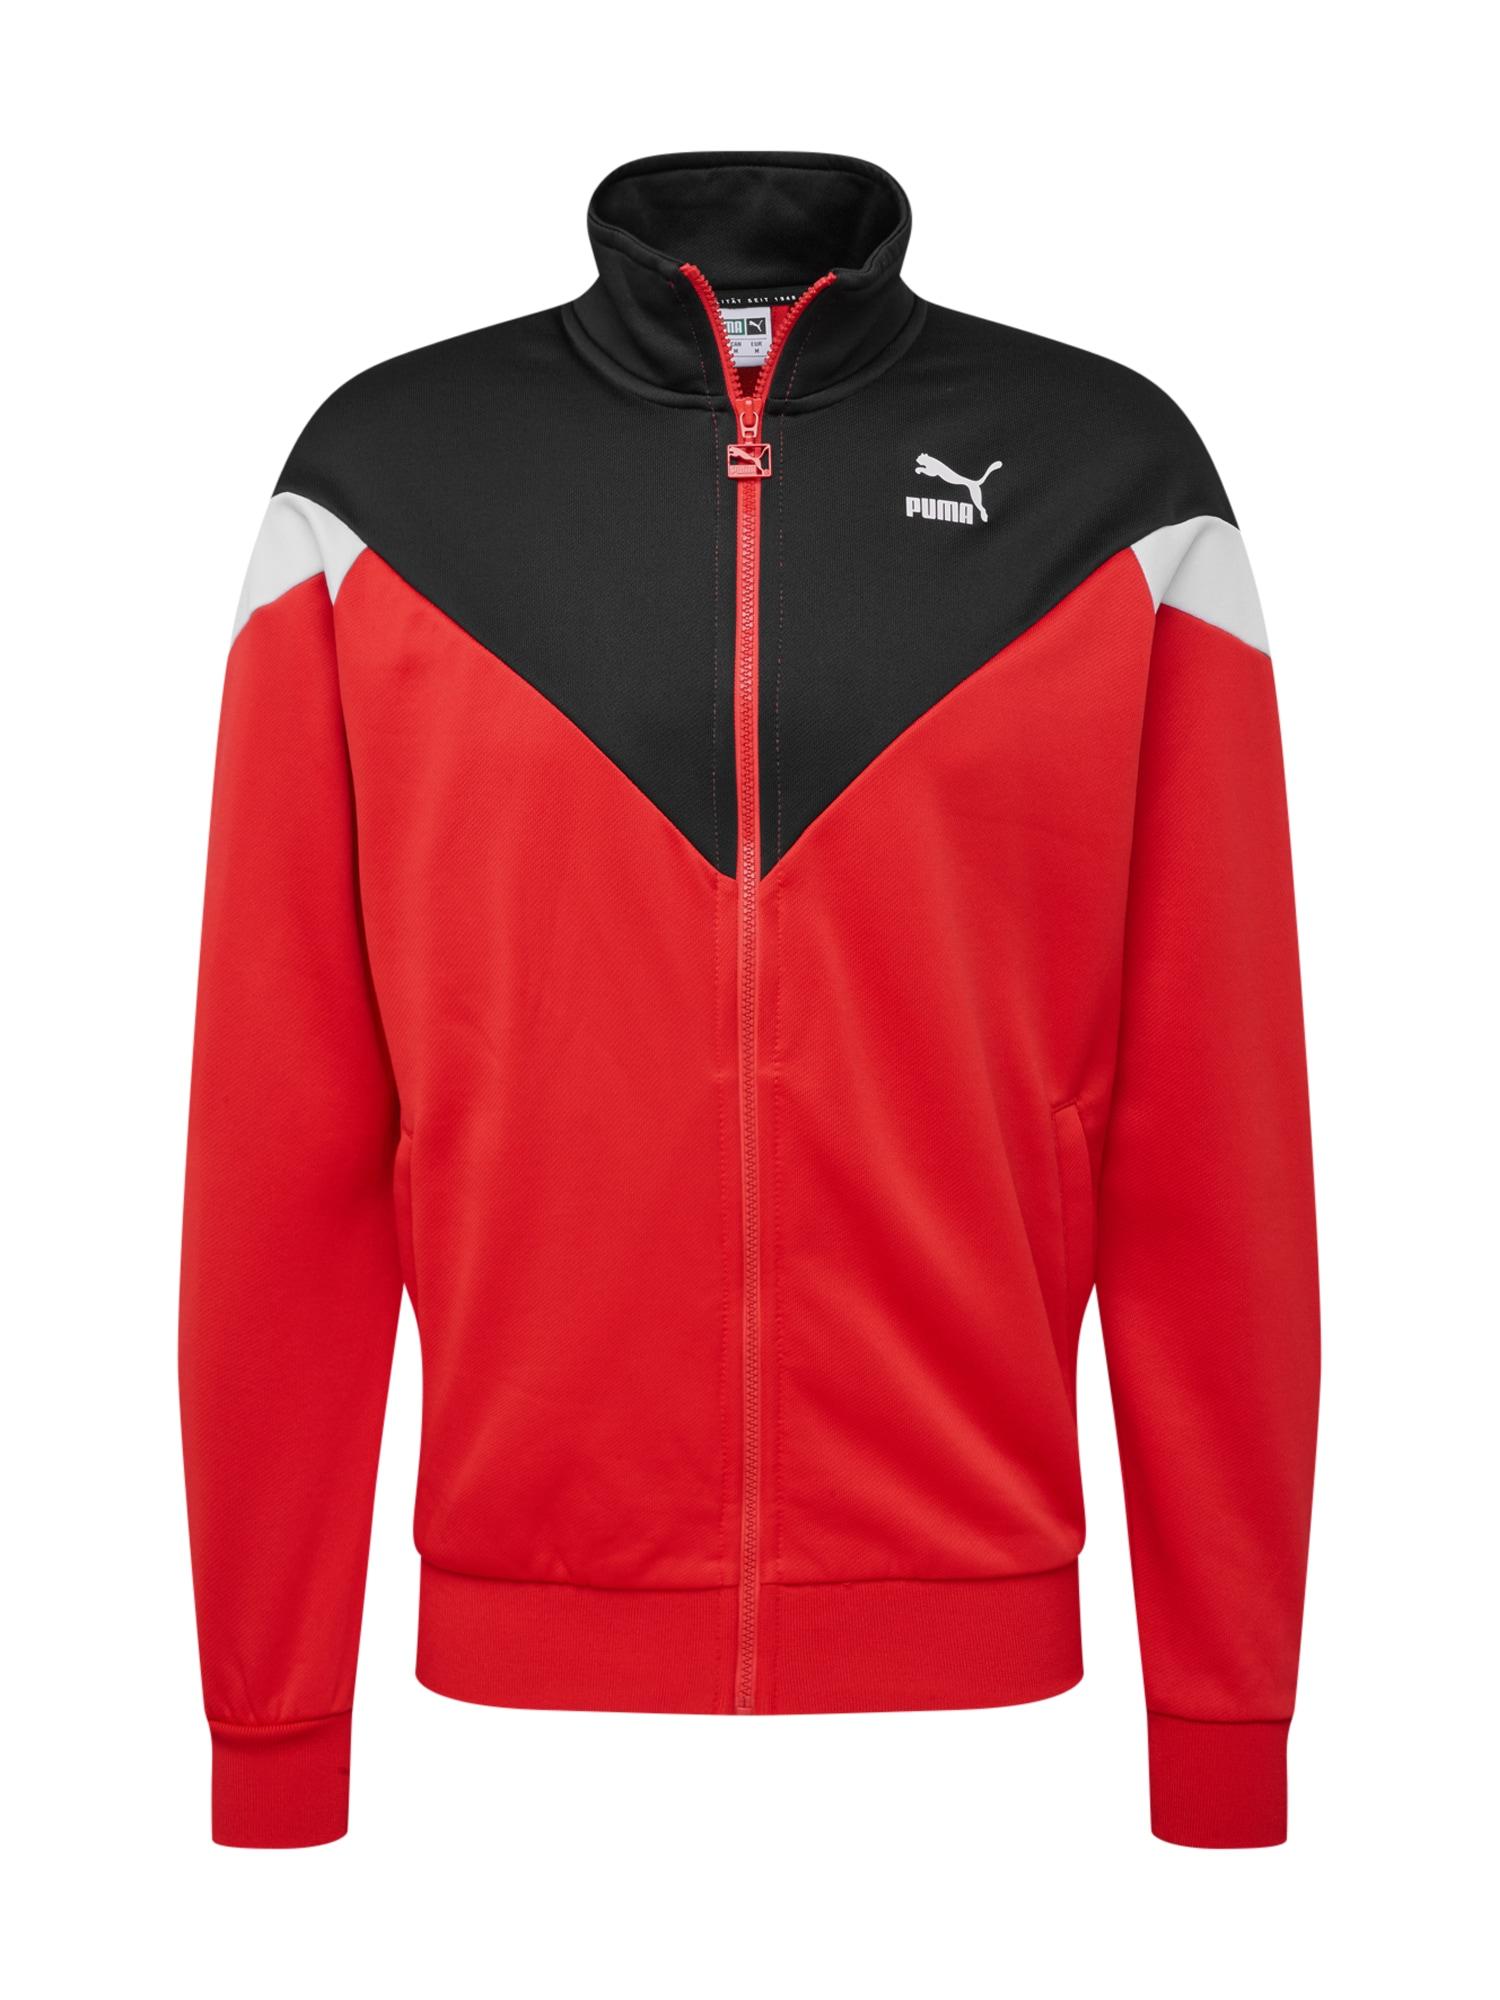 Mikina s kapucí Iconic MCS červená černá bílá PUMA